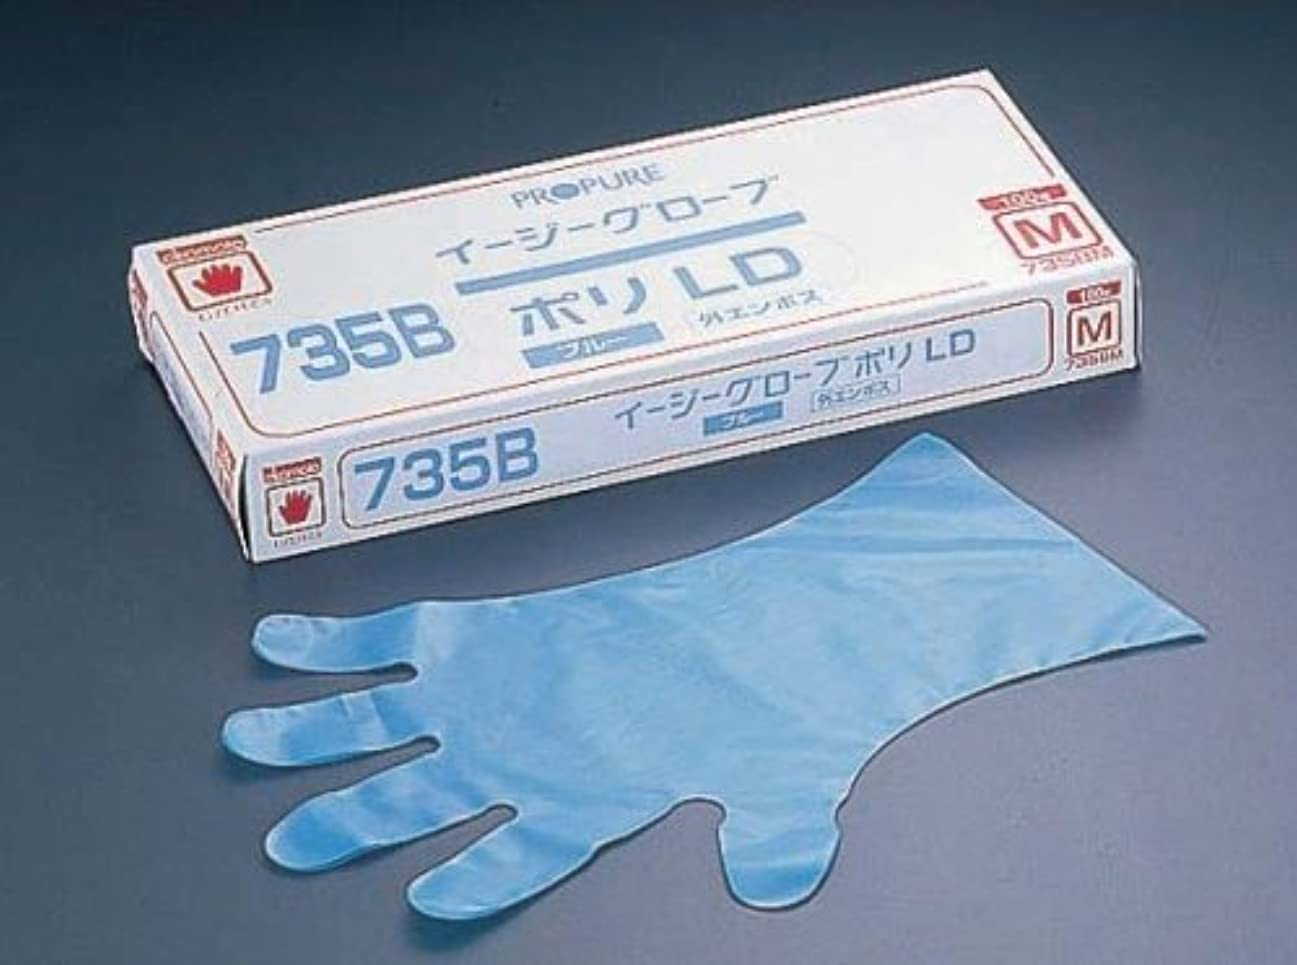 イージーグローブ 指先ぴったり ブルー